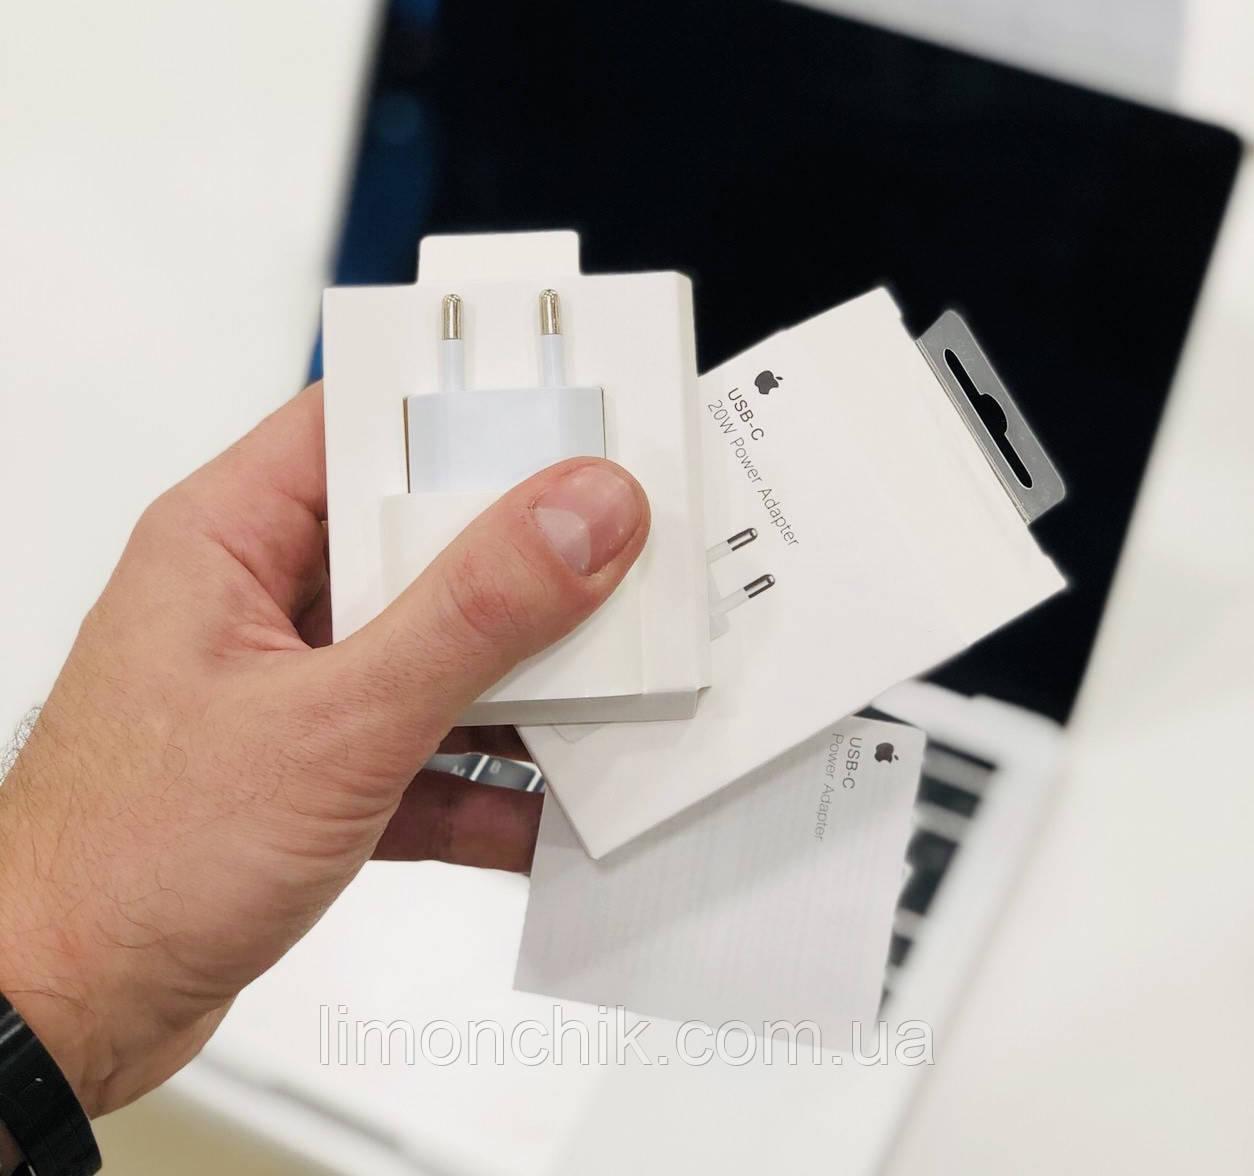 Устройство зарядное  для Apple 20W USB-C Power Adapter  A2347 люкс копия, блок питания белый белый